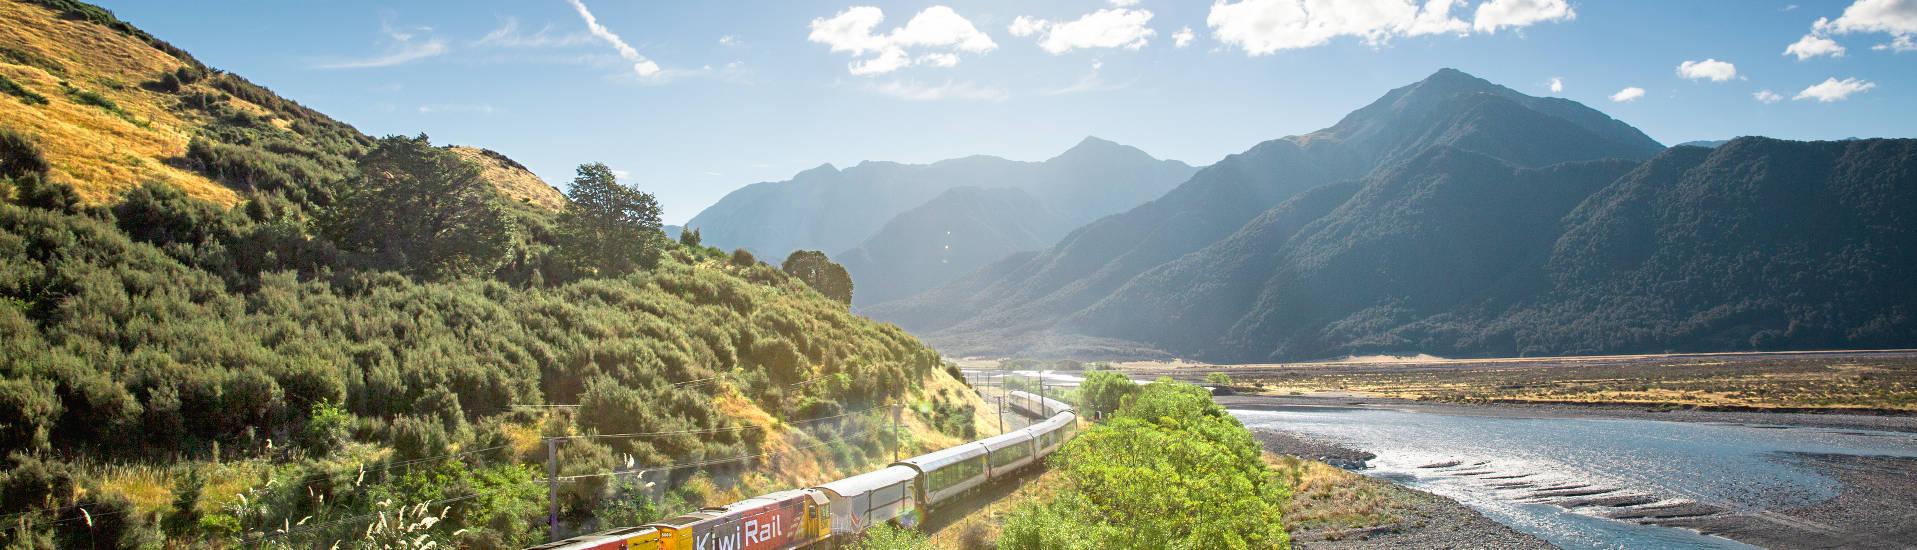 Neuseeland Reise mit Zug und Bus